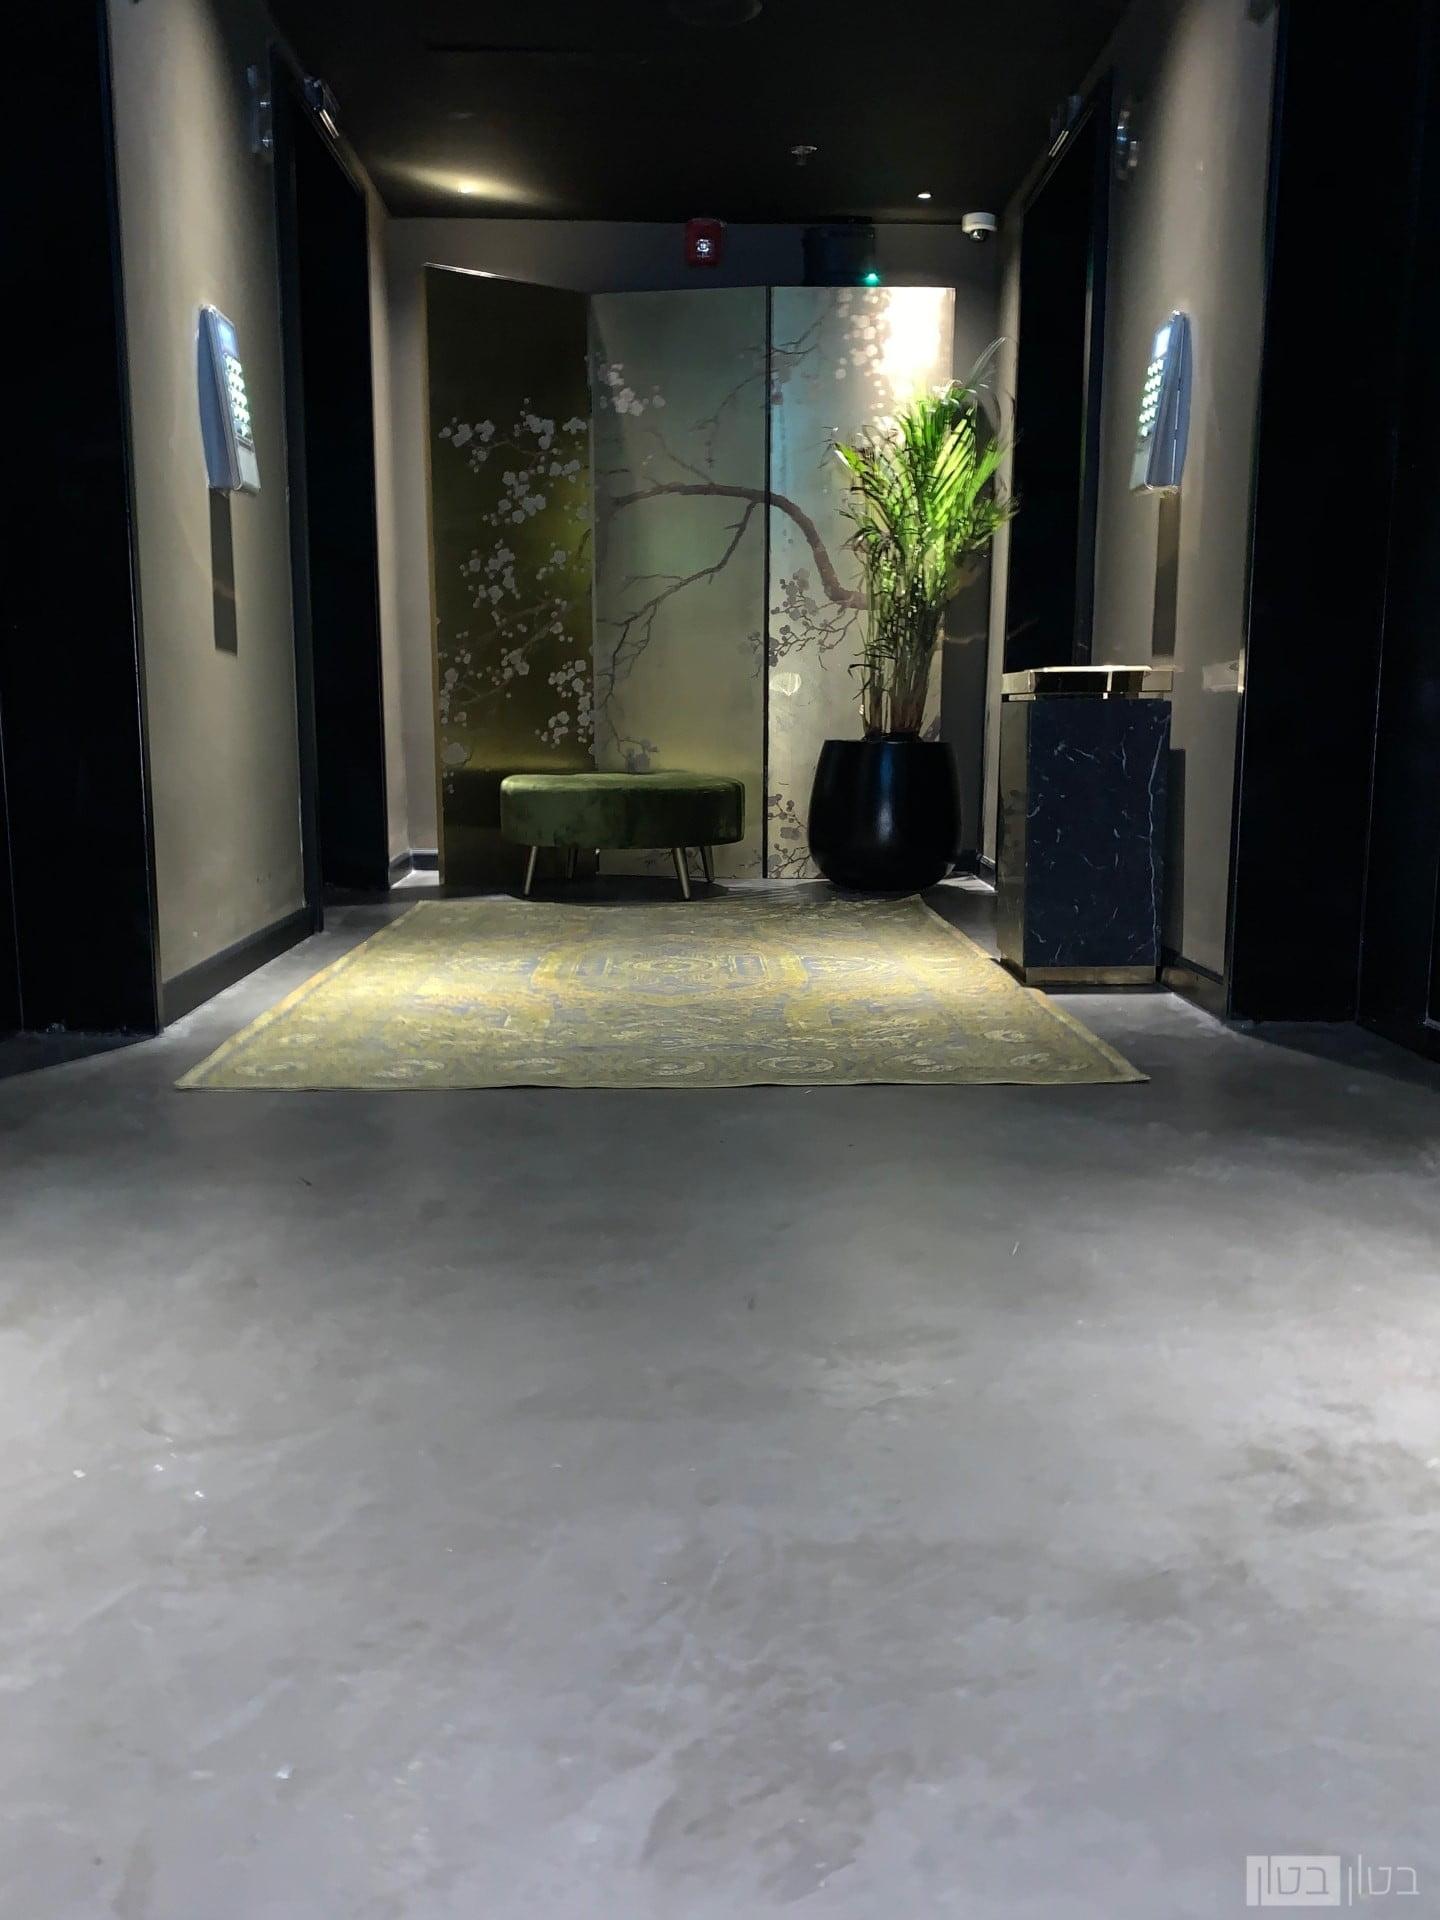 חיפוי רצפת בית מלון